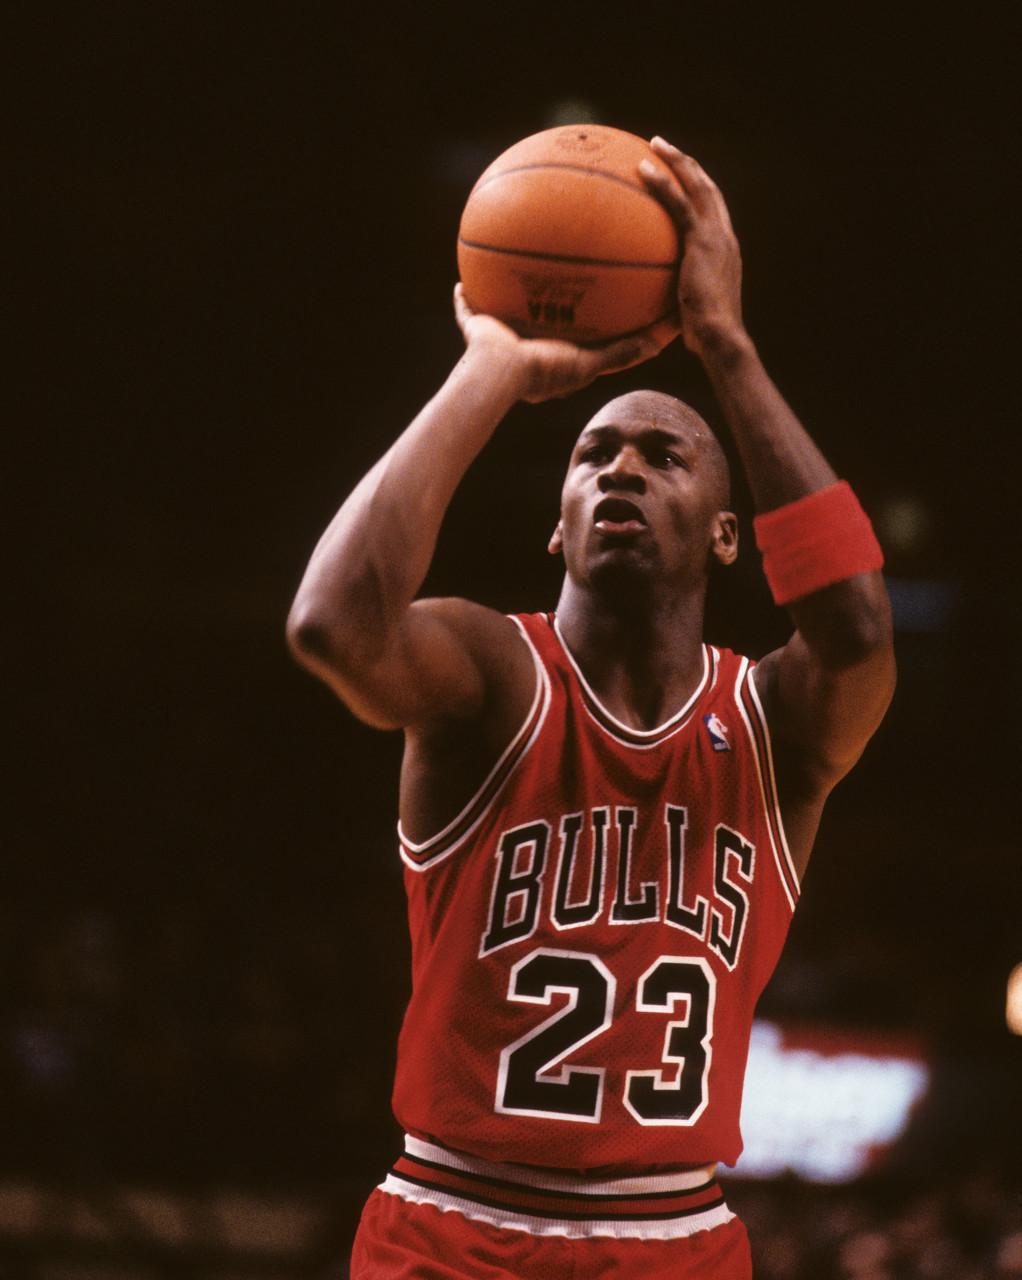 【专访】锡安:小时候最喜欢乔丹 篮球教会我如何处理逆境